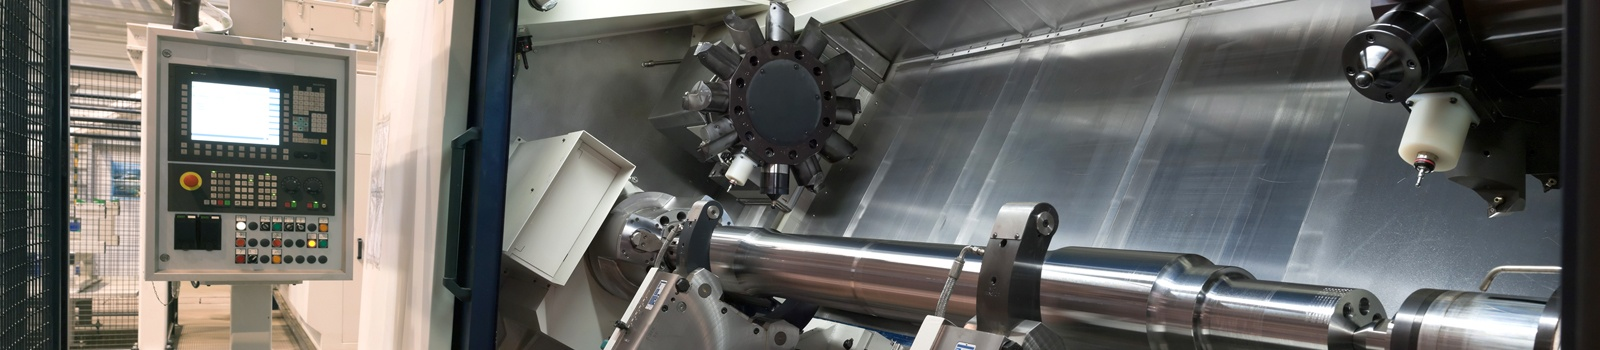 Manufacturing Metal